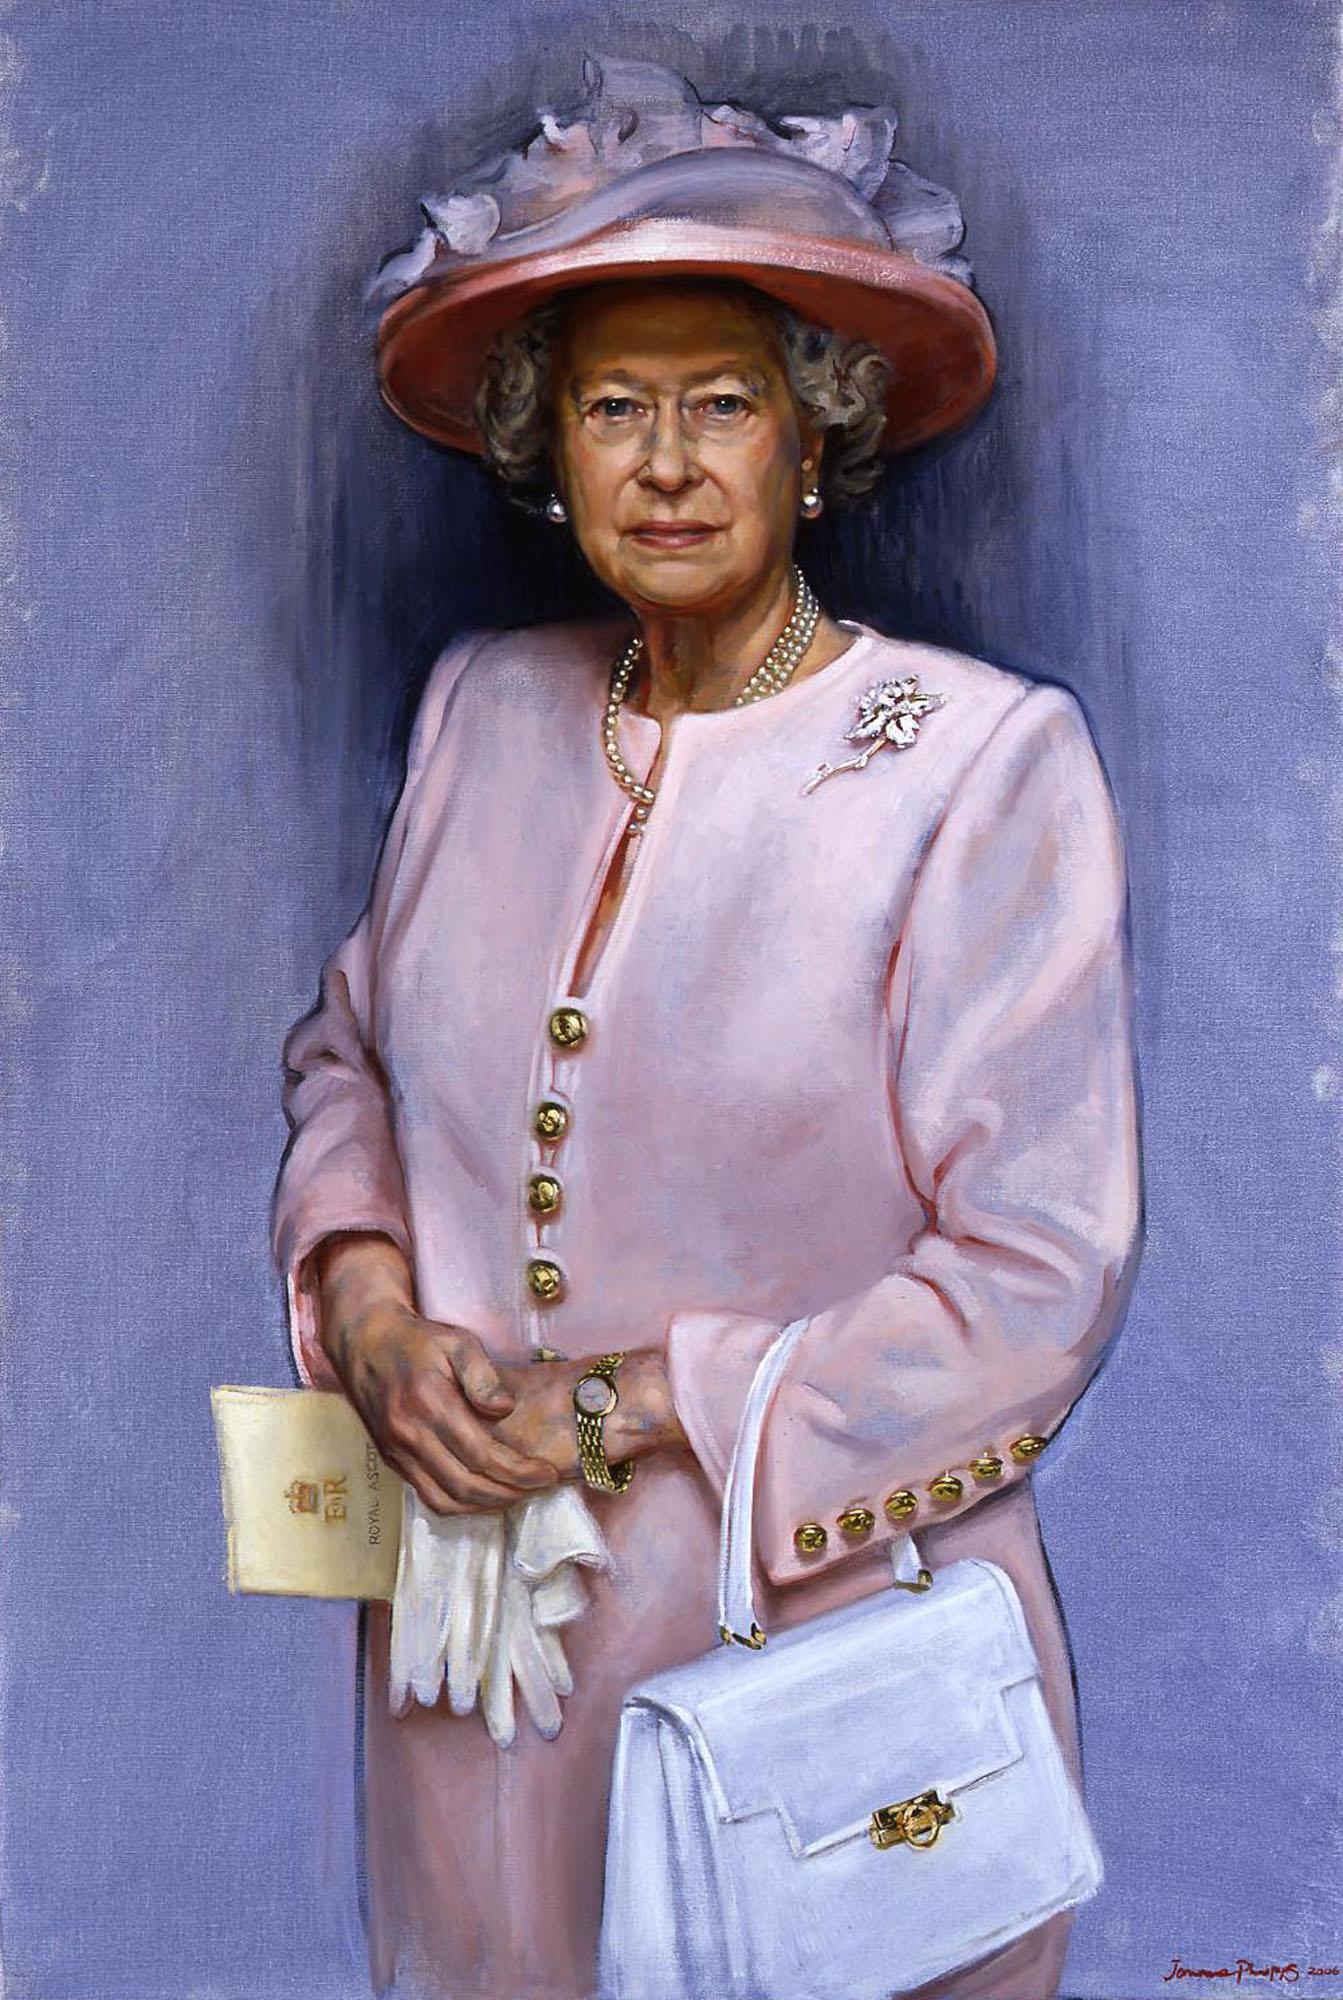 queen_elizabeth_portrait_2006_0.jpg